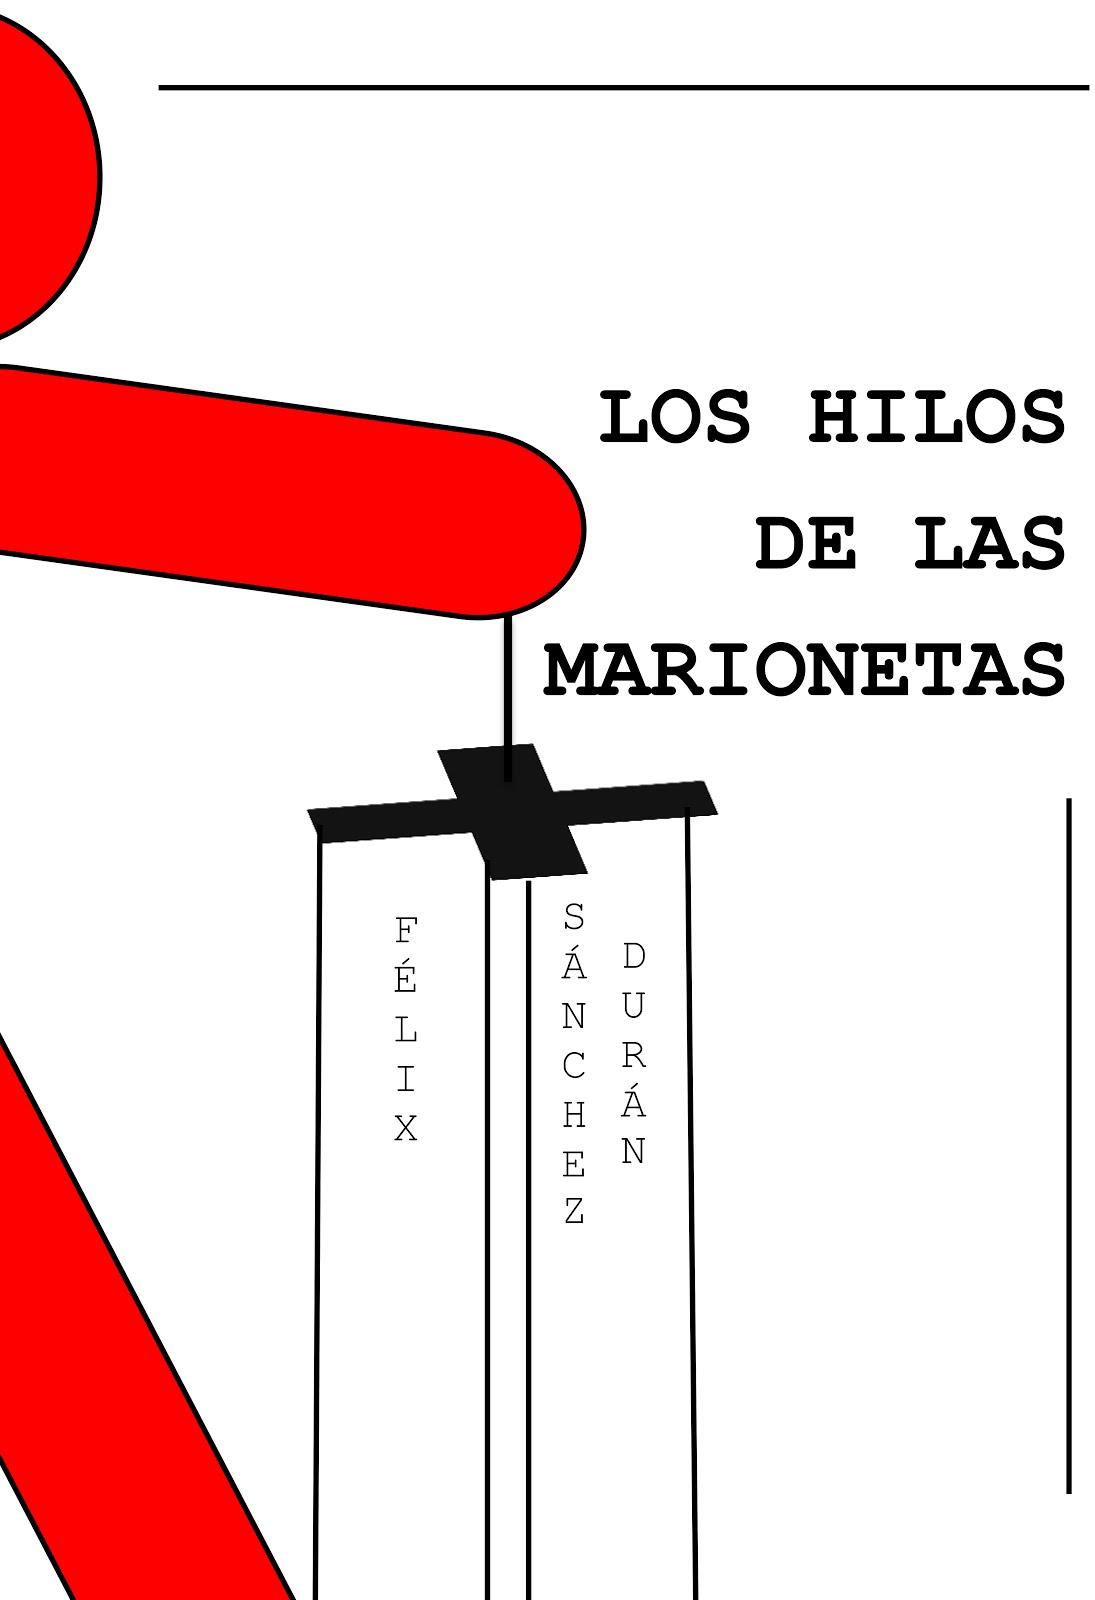 Los hilos de las marionetas - Libro (epub), en Bubok...